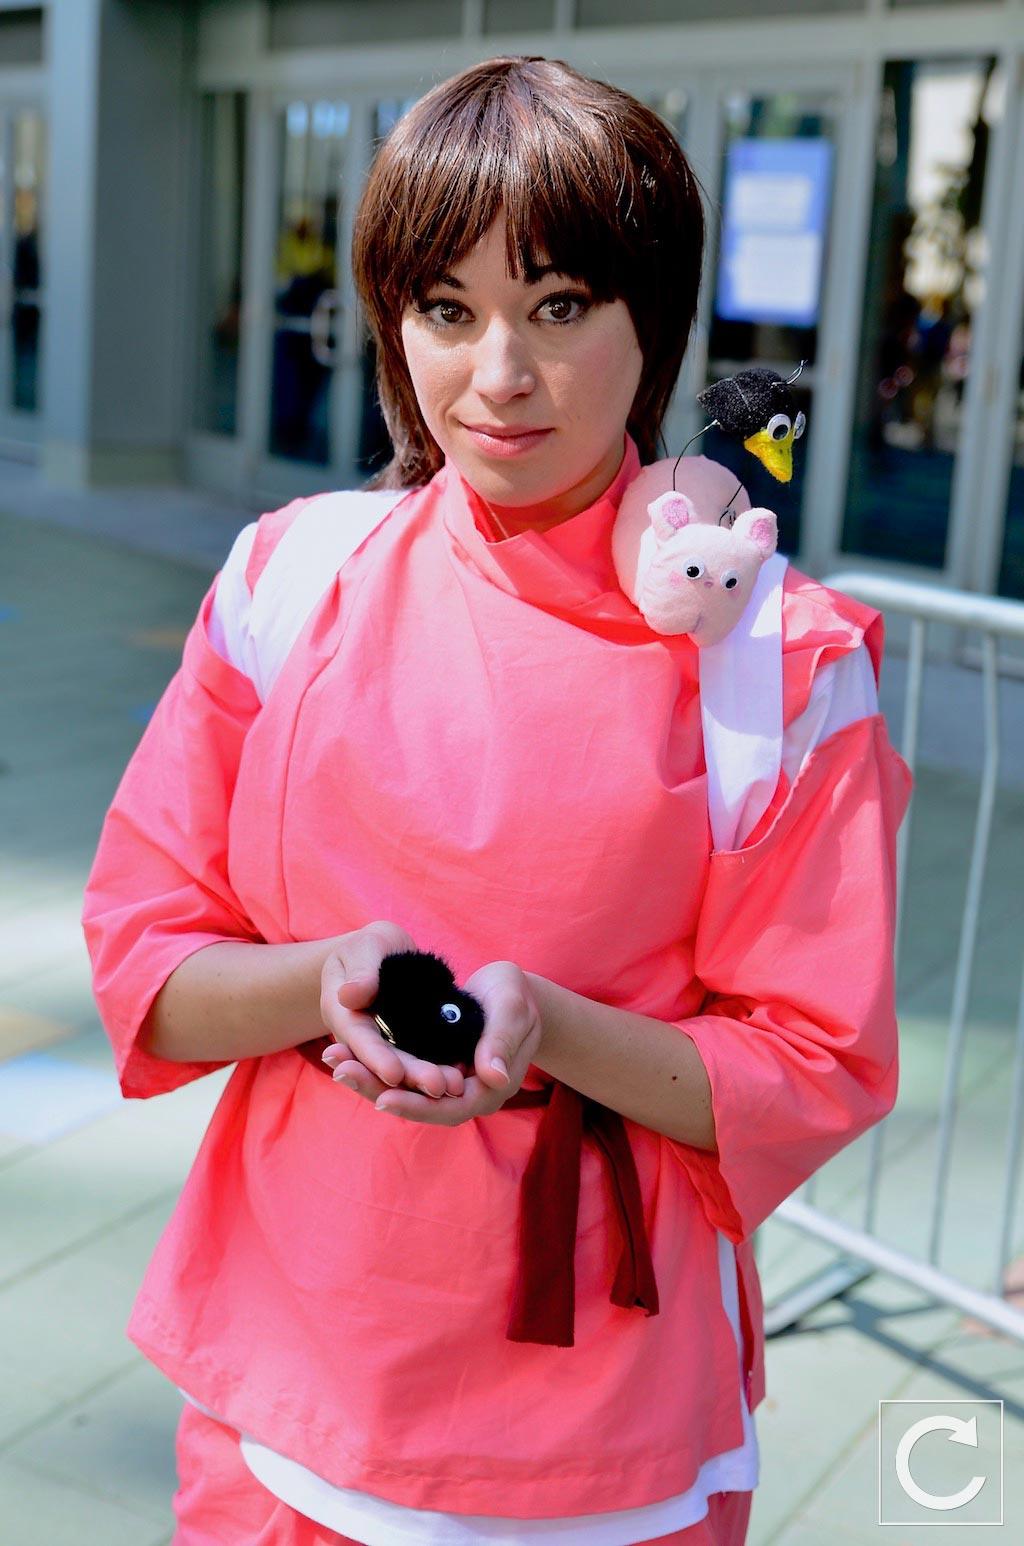 Wondercon 2017 Cosplay Chihiro Spirited Away Turn The Right Corner